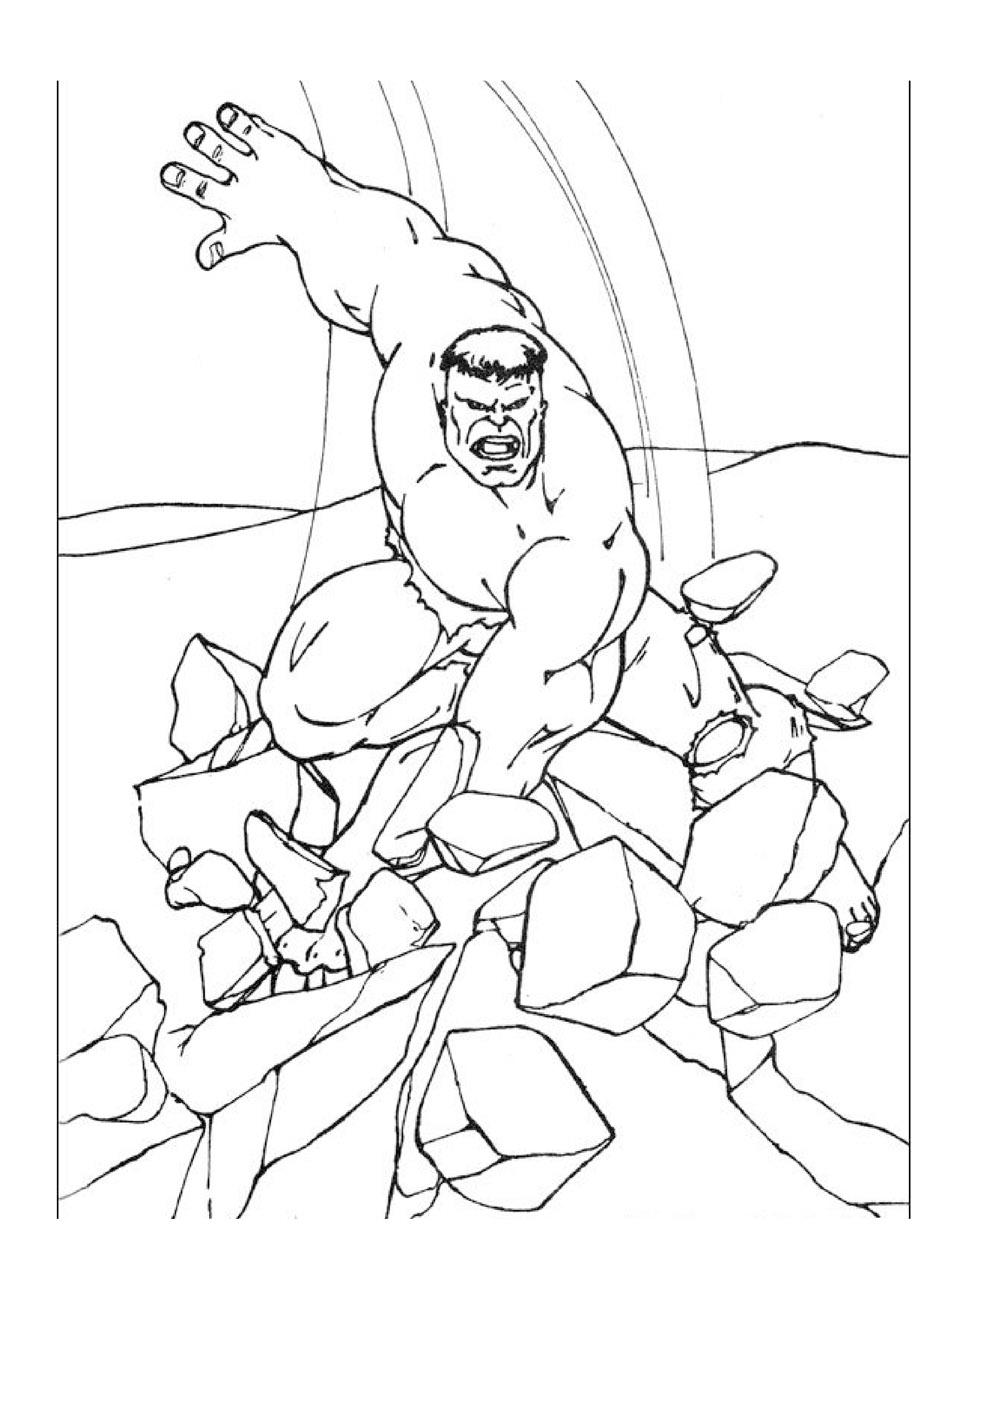 Coloriage de Hulk gratuit à colorier - Coloriage Hulk ...